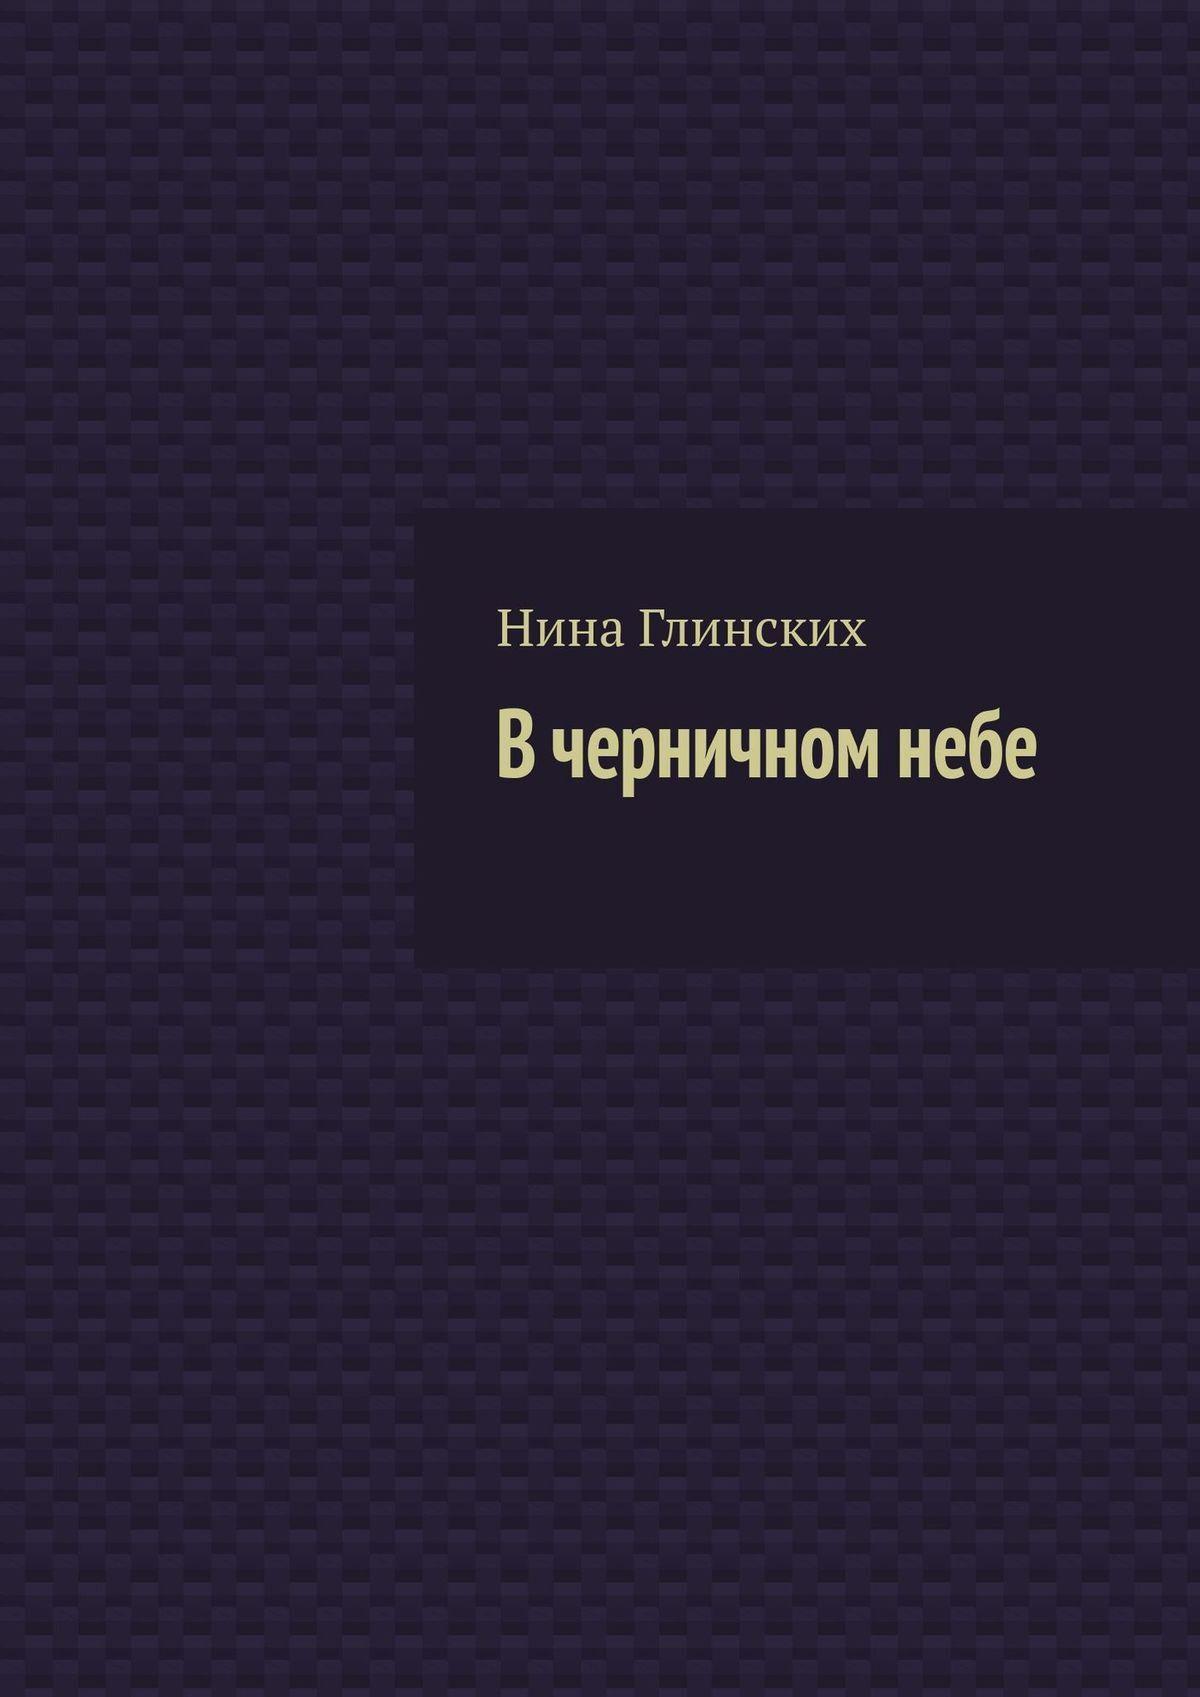 Нина Глинских Вчерничномнебе нина саконская стихотворения